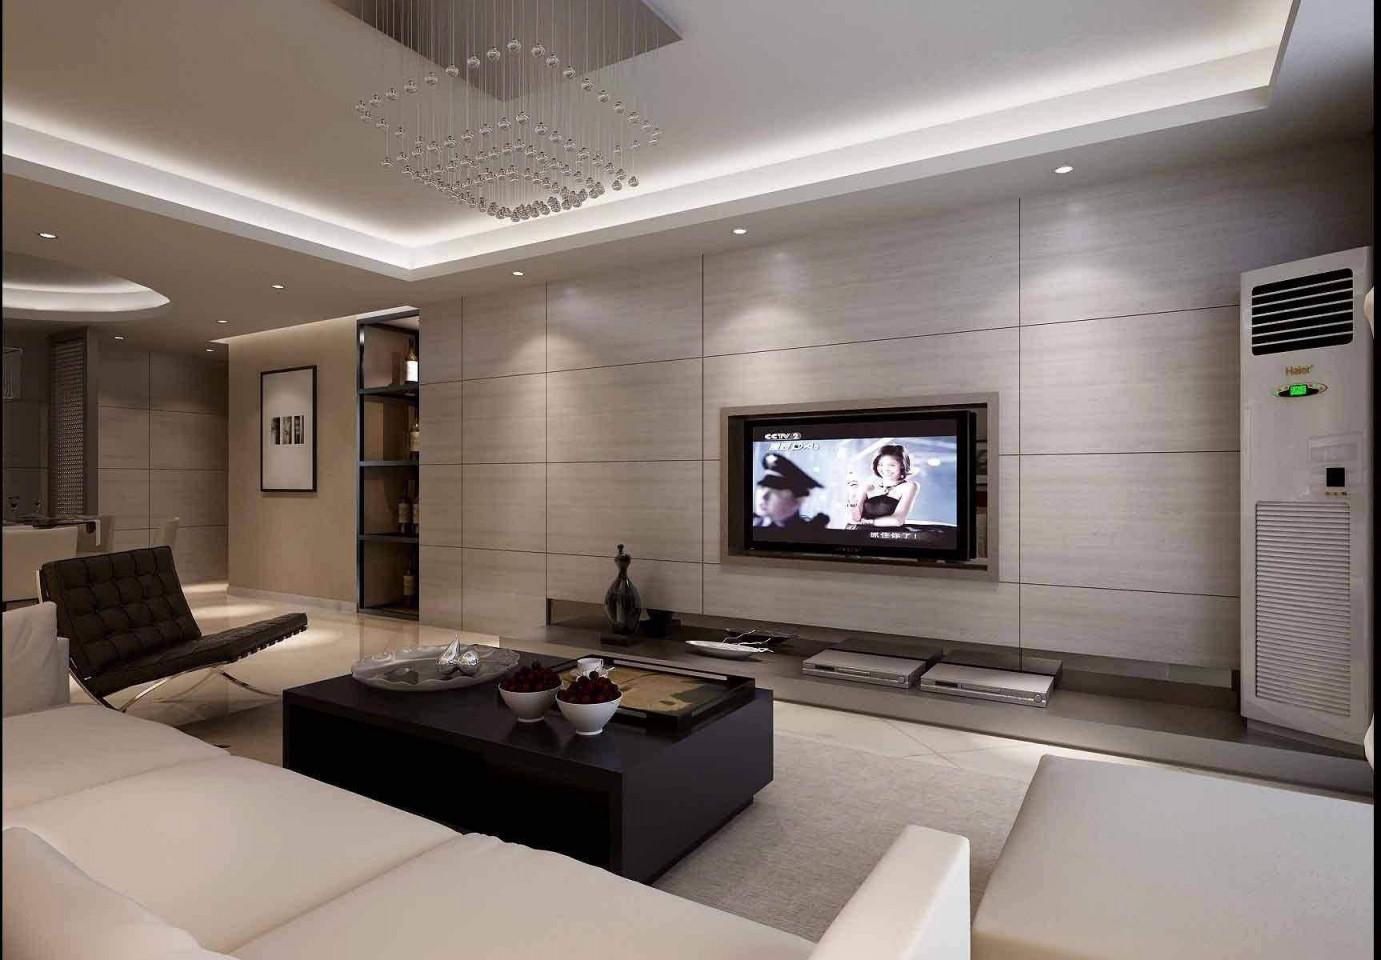 Moderne Möbel Wohnzimmer Das Beste Von Möbel Wohnzimmer von Moderne Möbel Wohnzimmer Bild